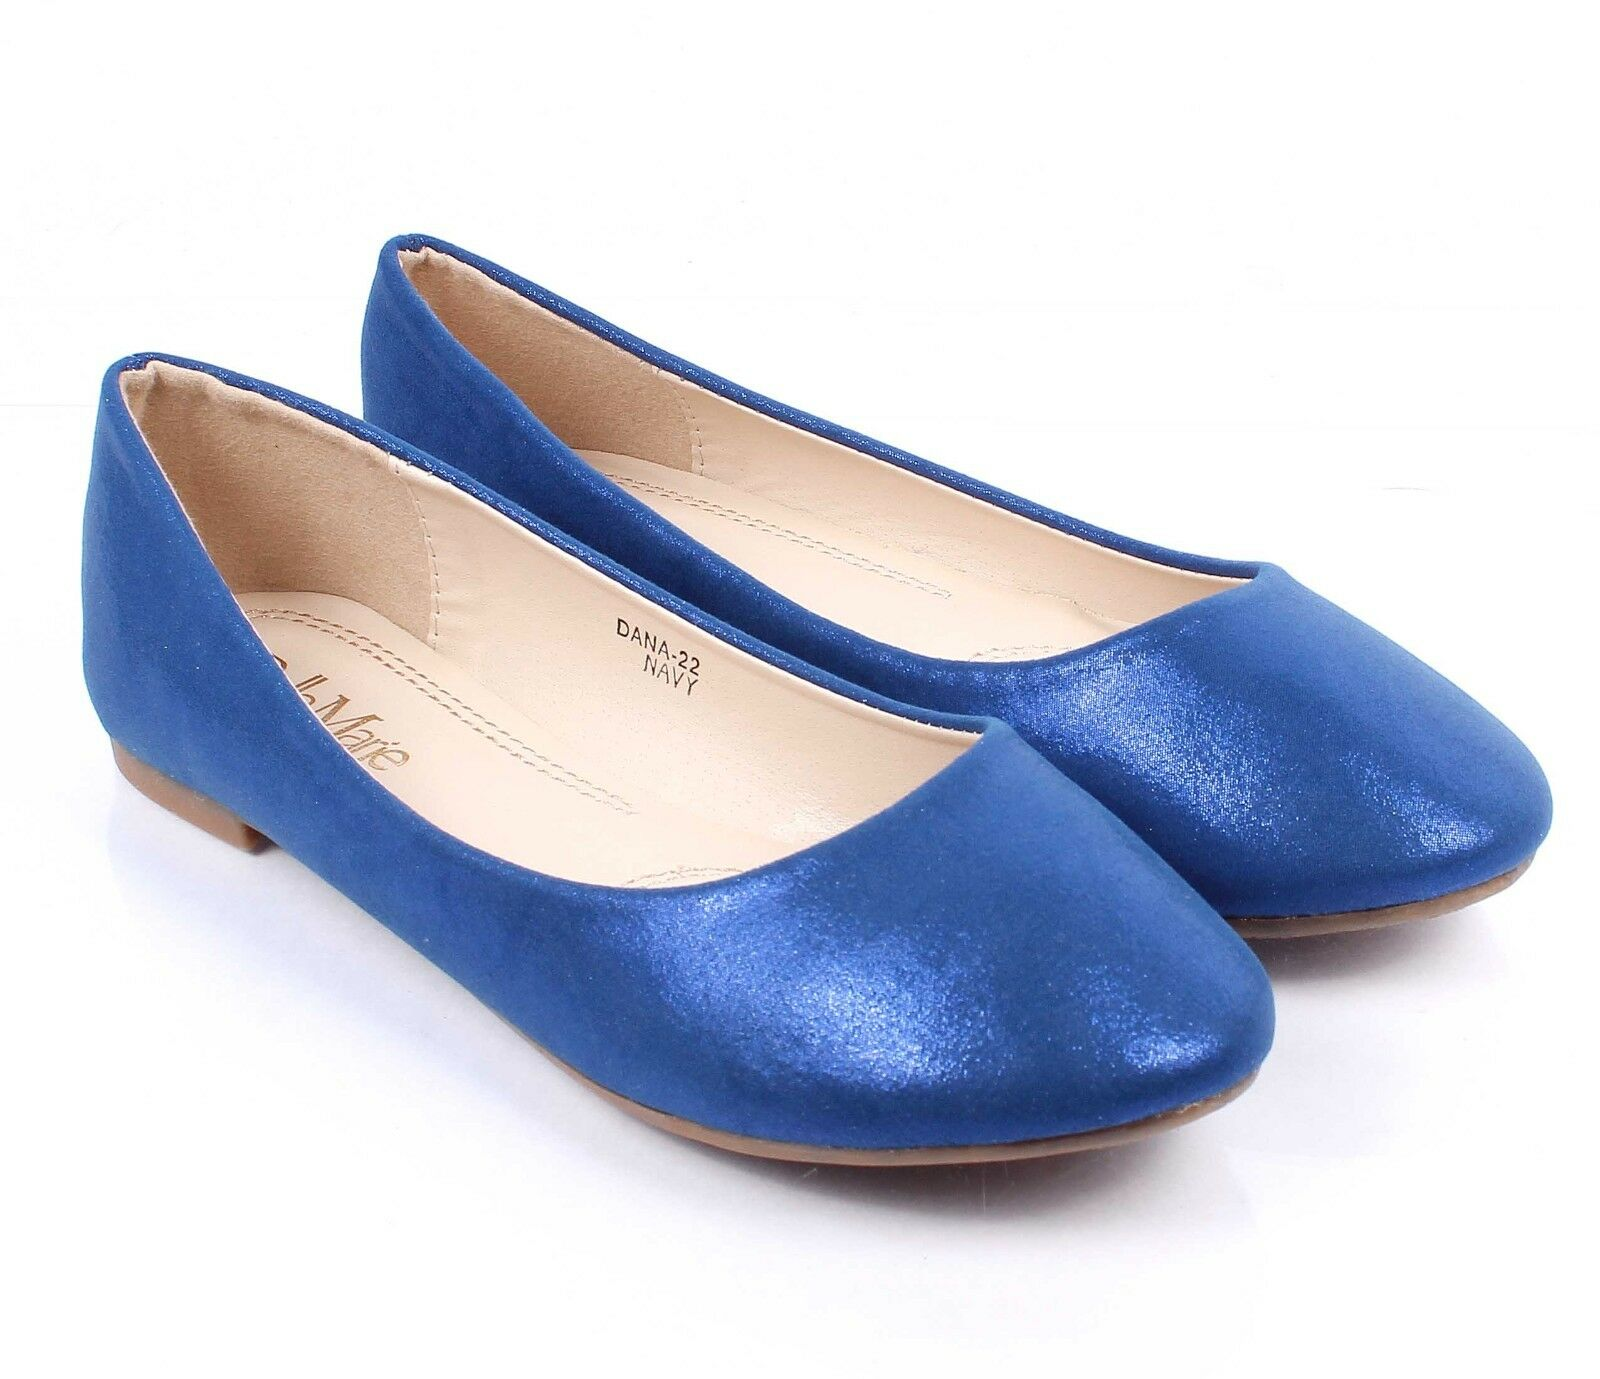 6 la couleur feuillet occasionnel seuleHommes t femmes rencontré ballerines chaussures étroites des femmes t en da im. 3a9bf0